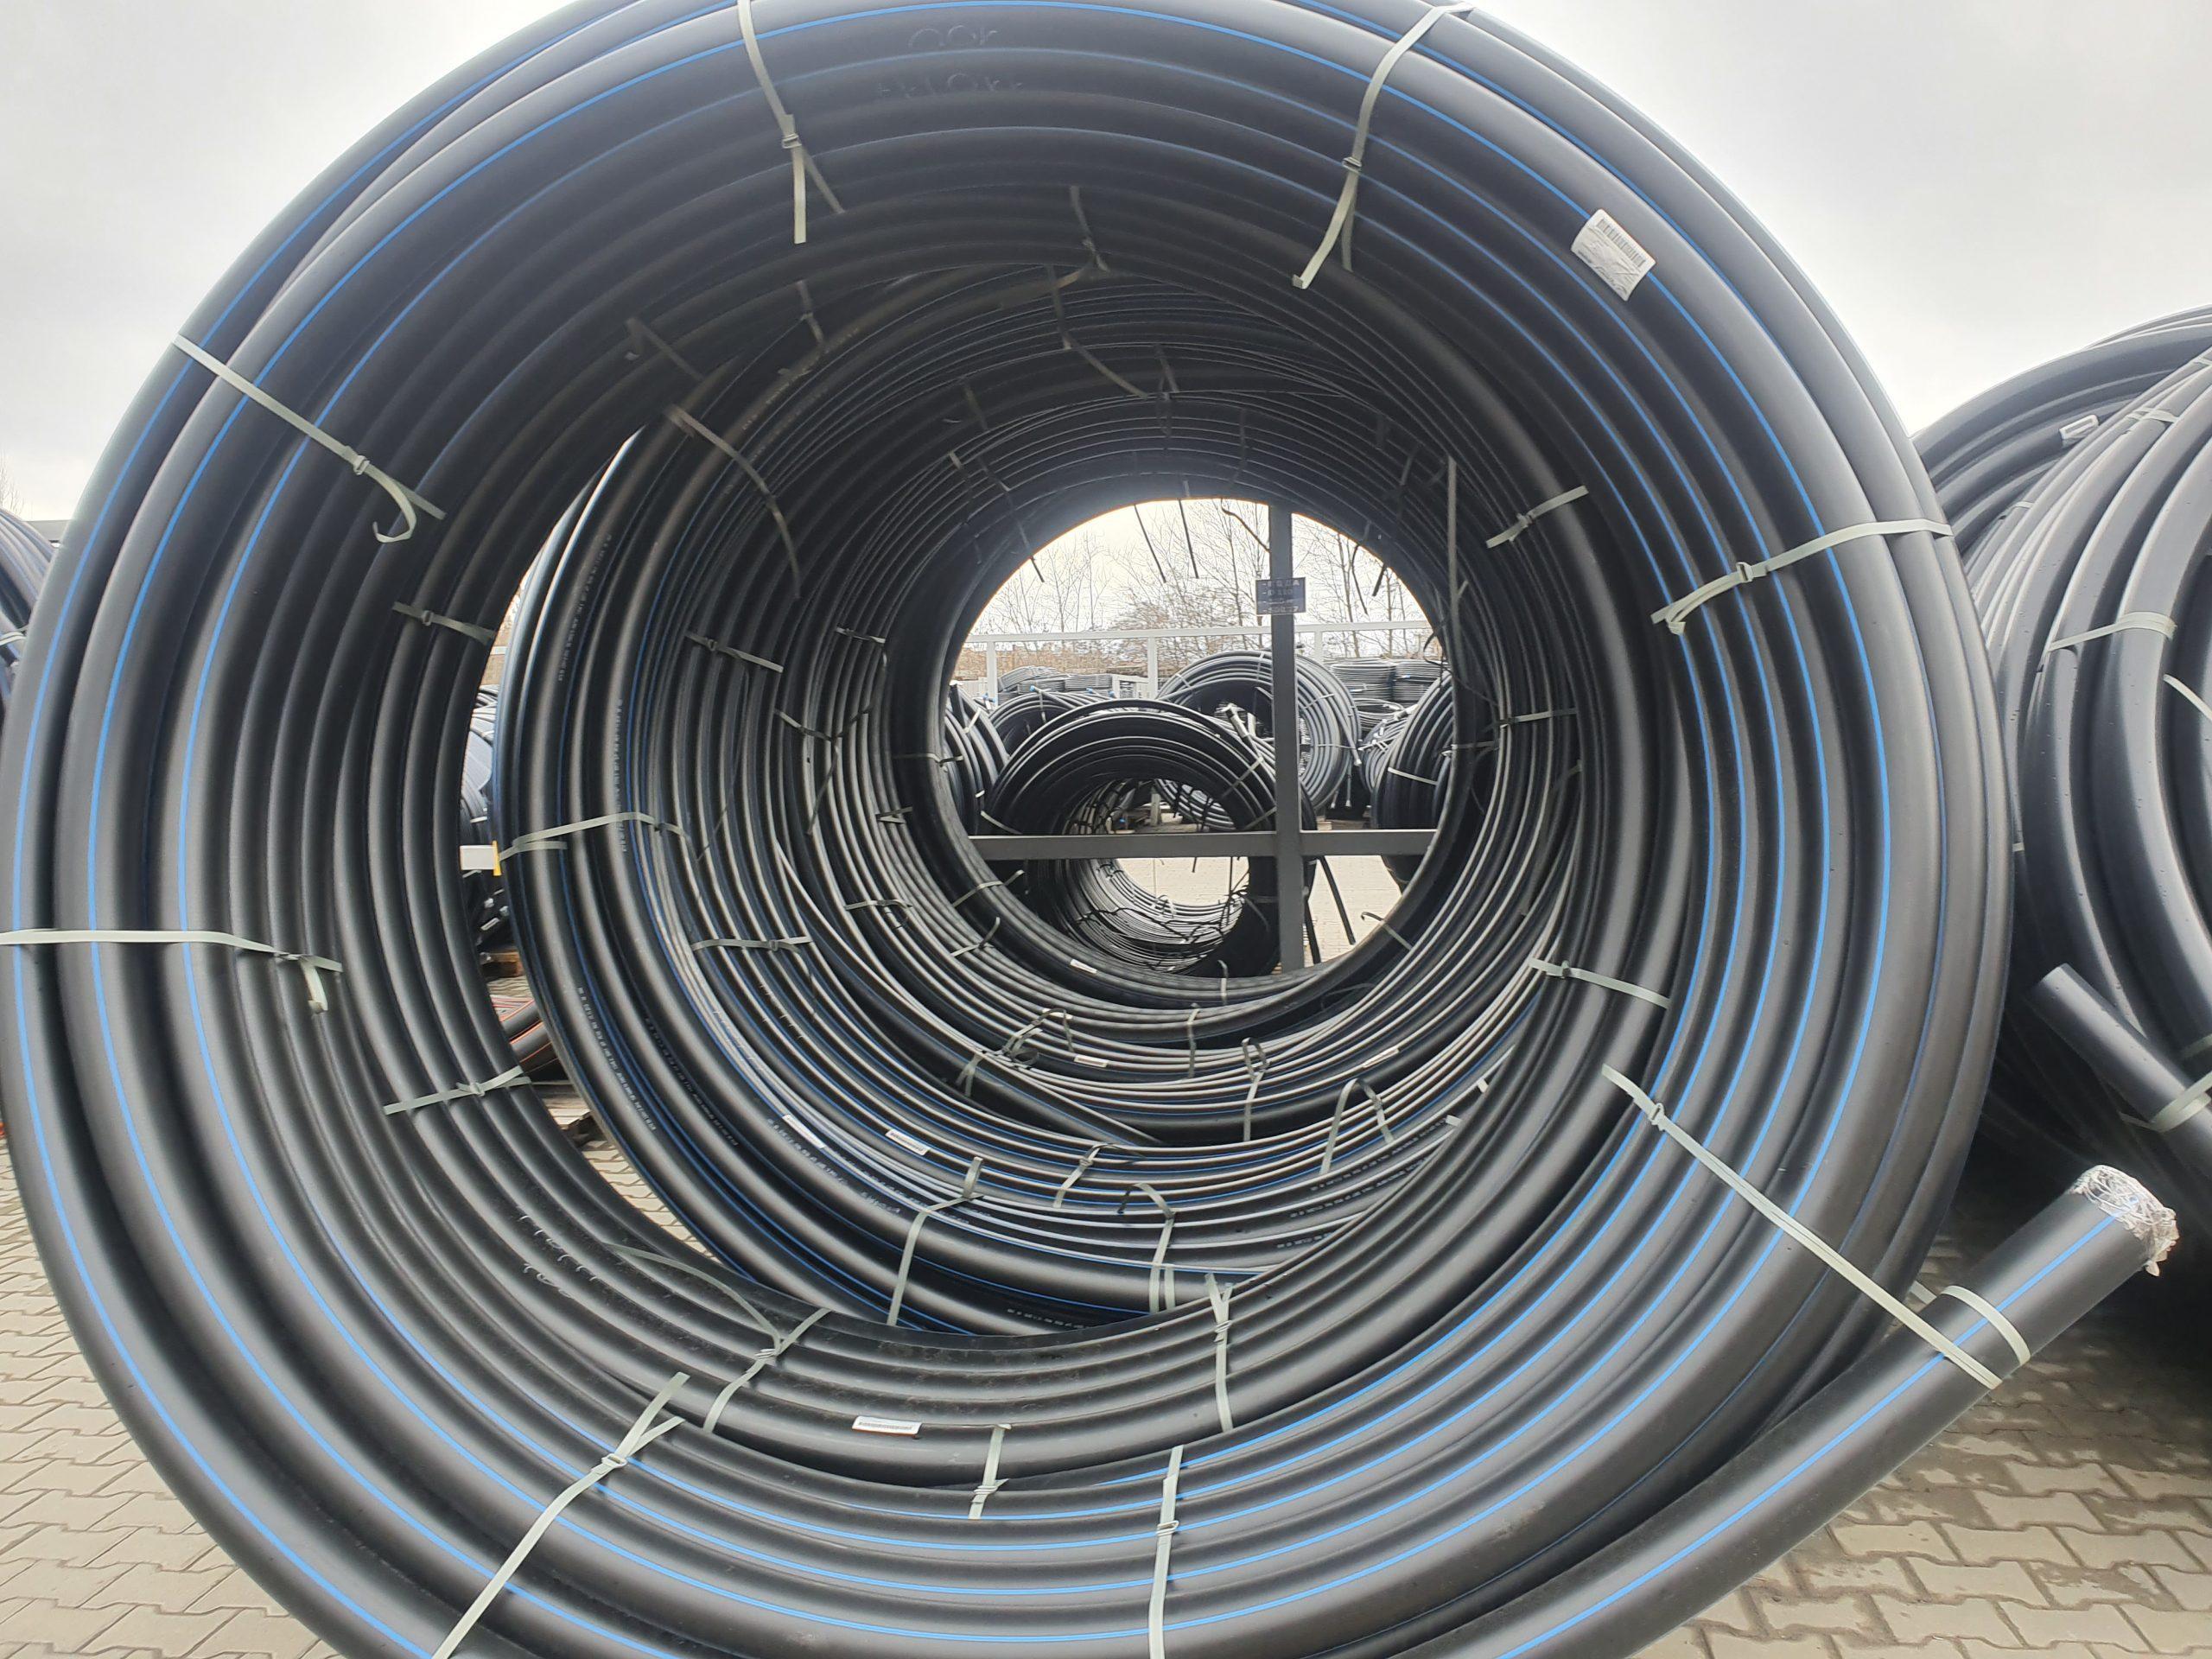 Поліетиленова труба для водопостачання